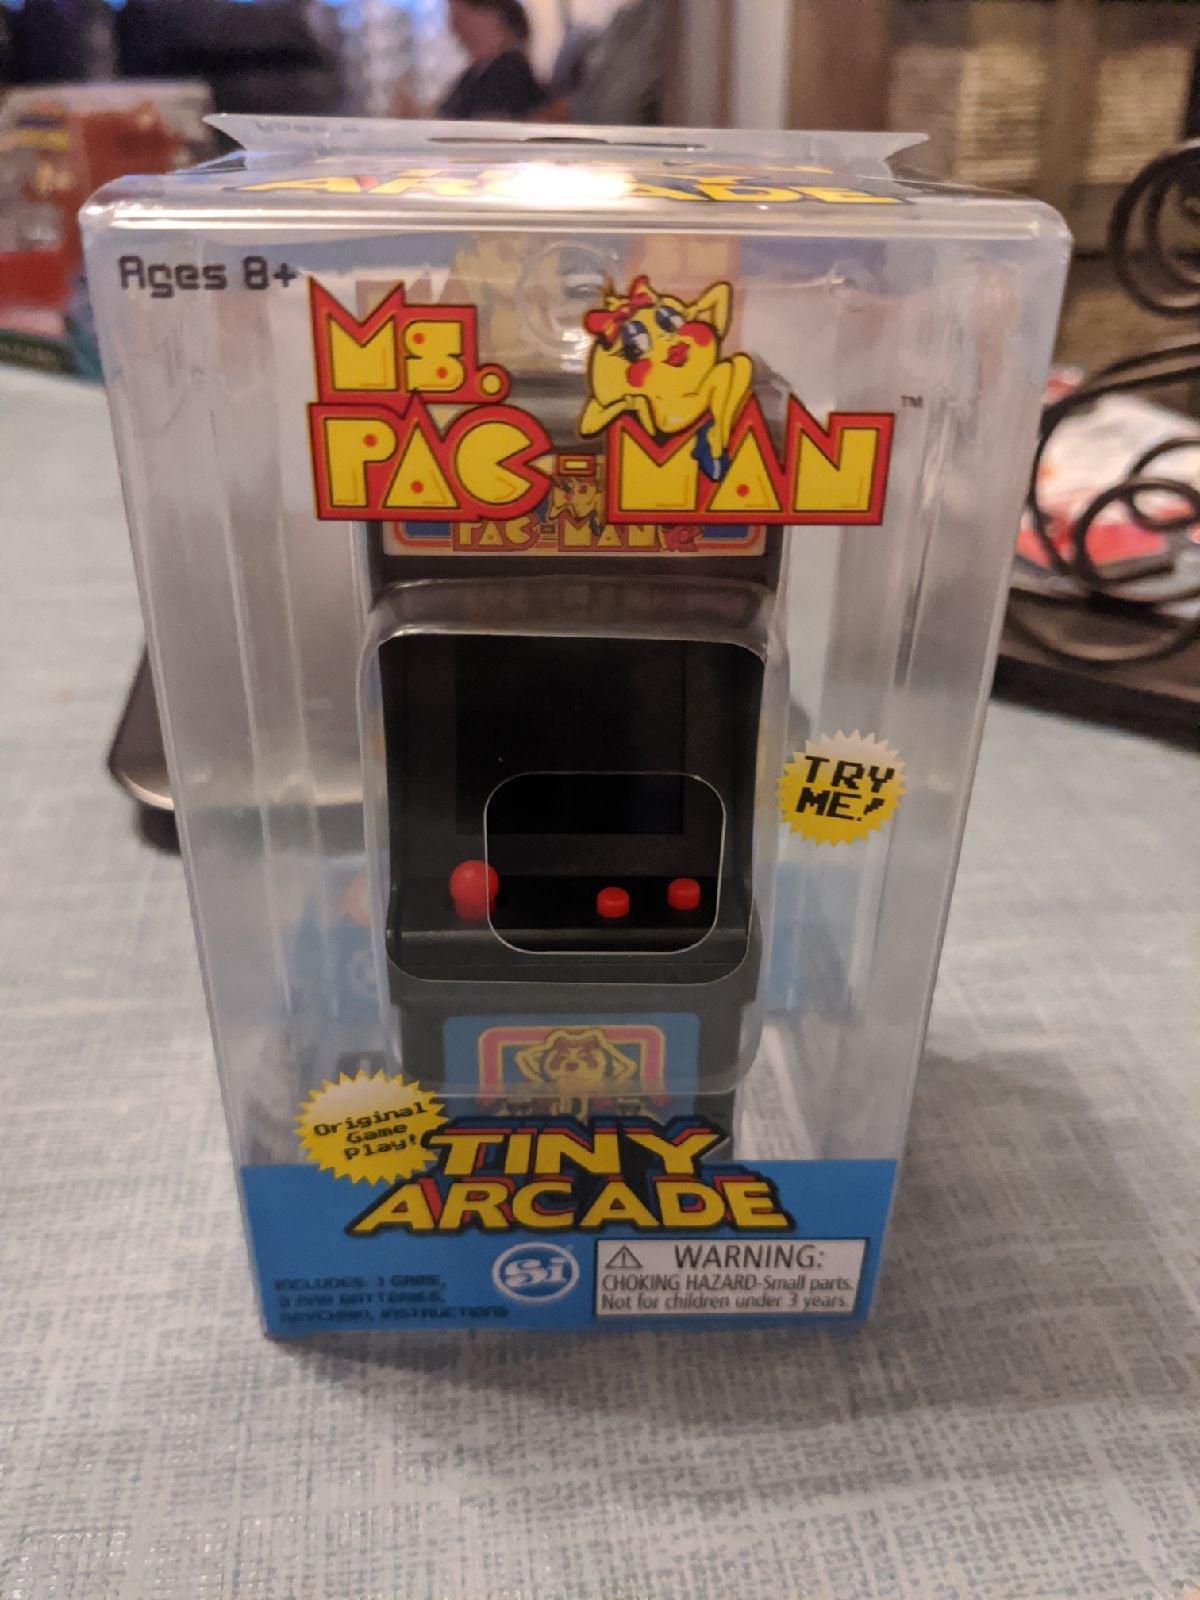 Ms. Pac-Man tony arcade NEW